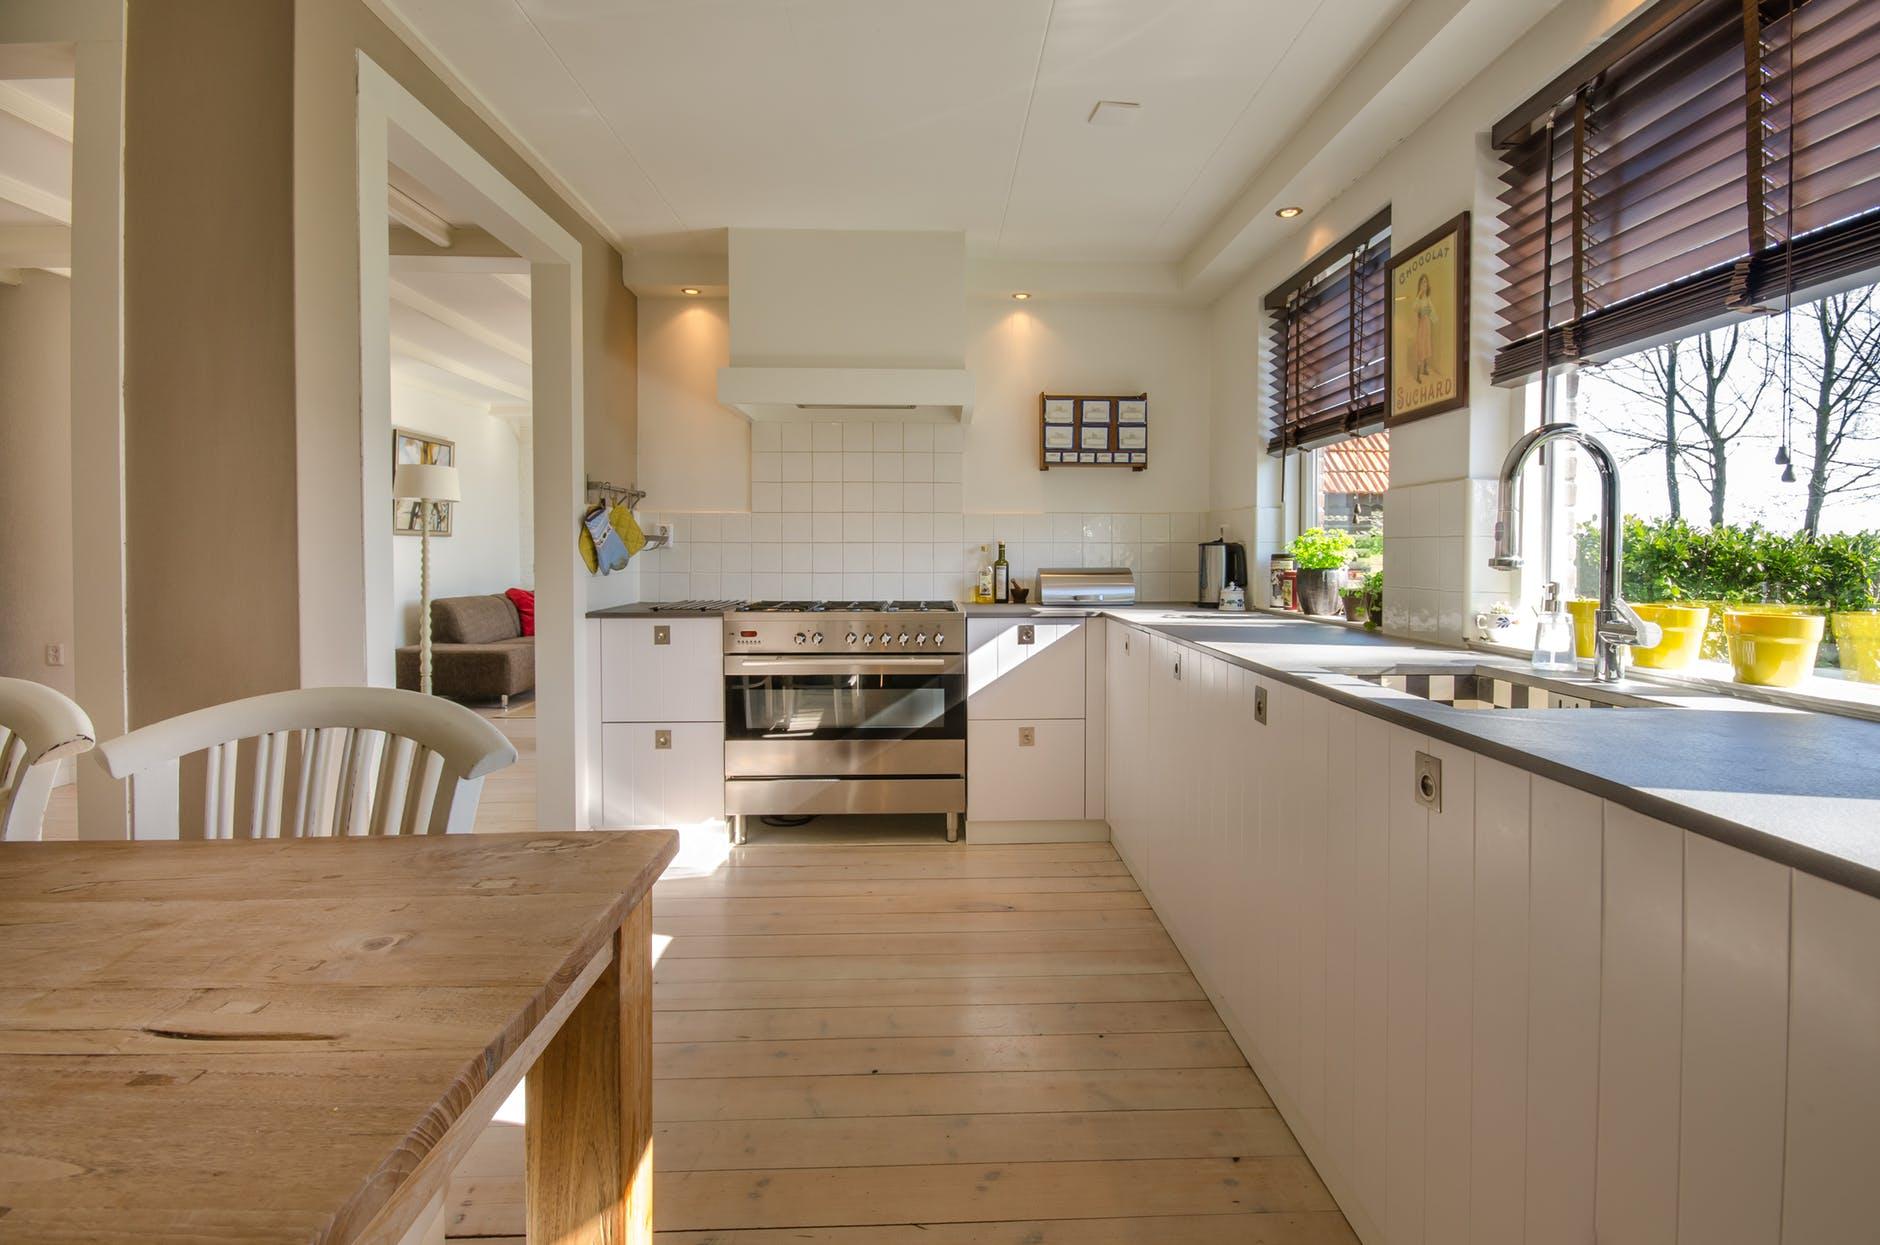 wodden floor kitchen design